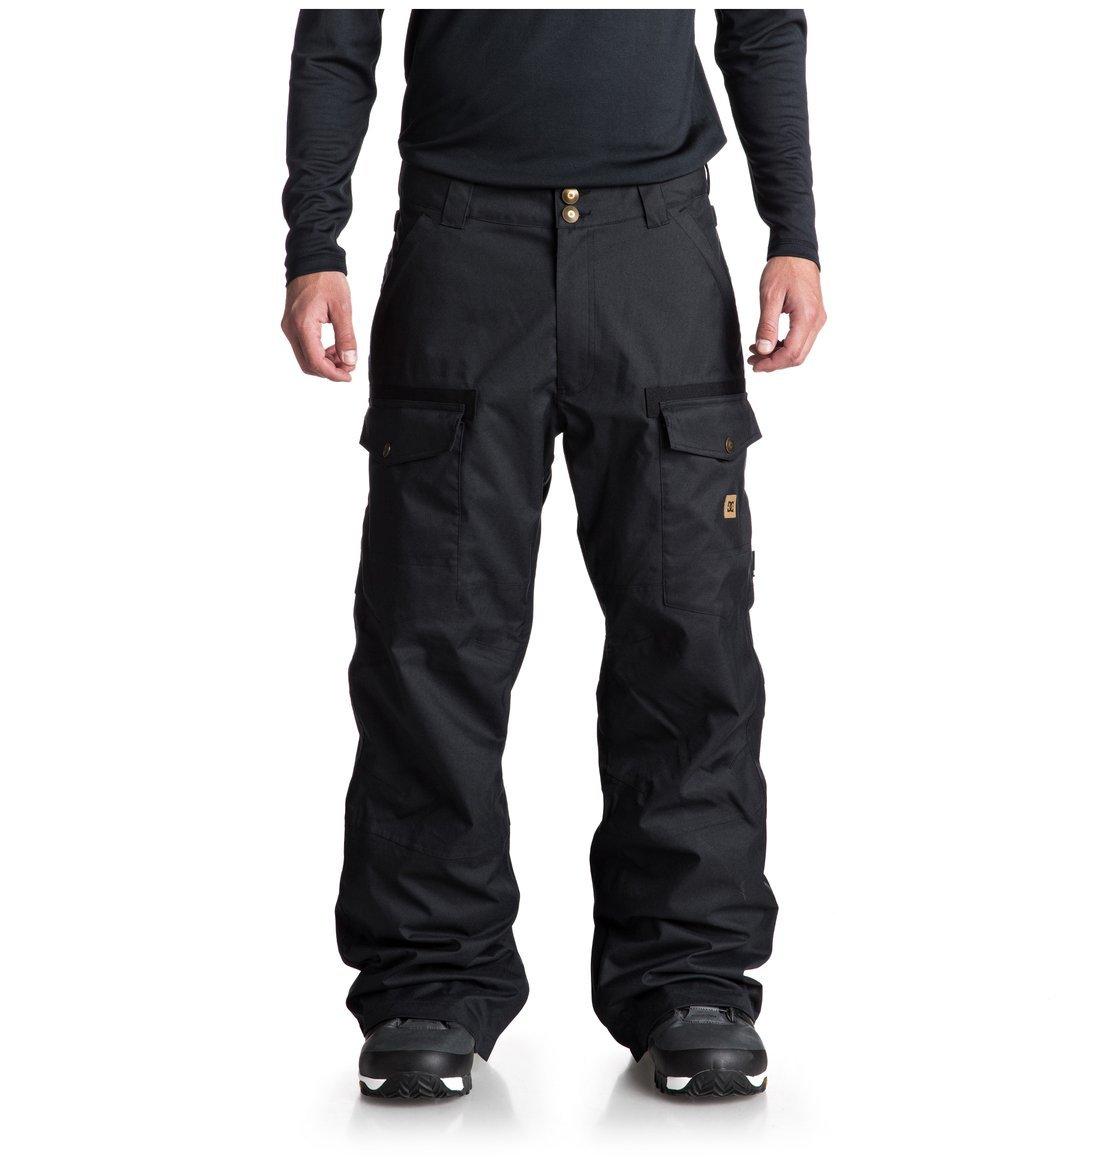 Noir - noir L DC chaussures Code - Pantalon de Snow pour Homme EDYTP03035